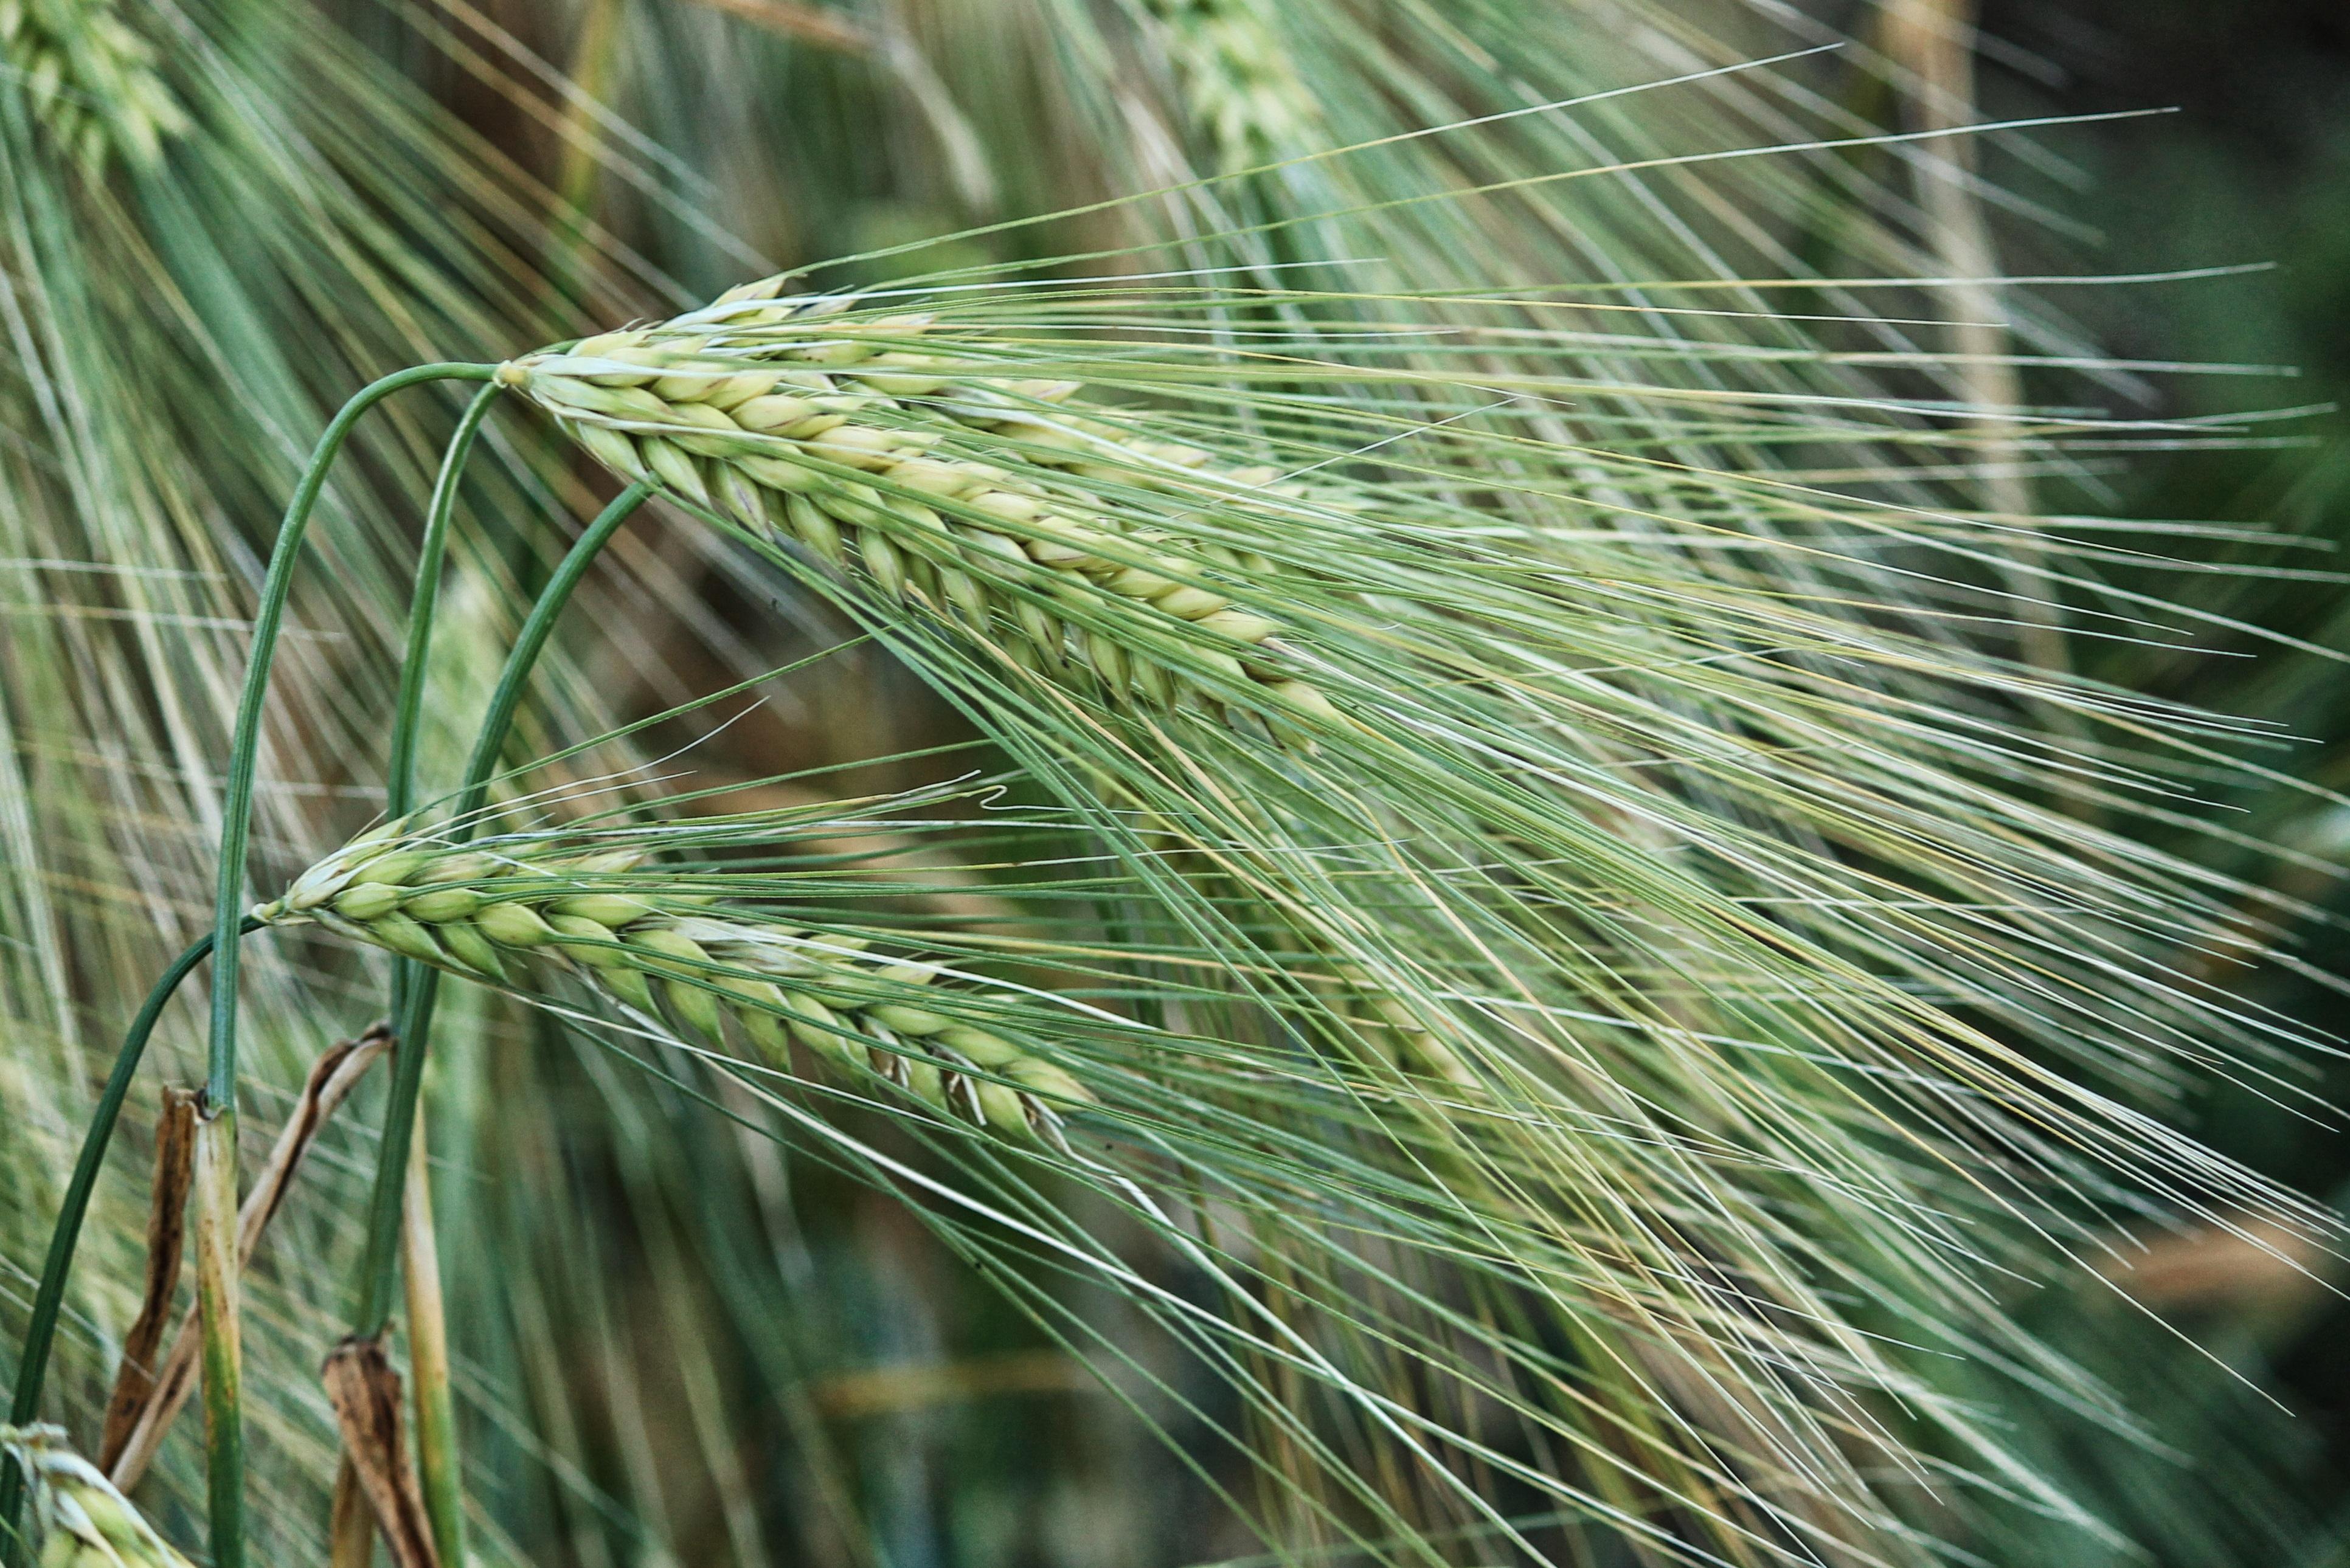 картинки злаковых трав переднюю